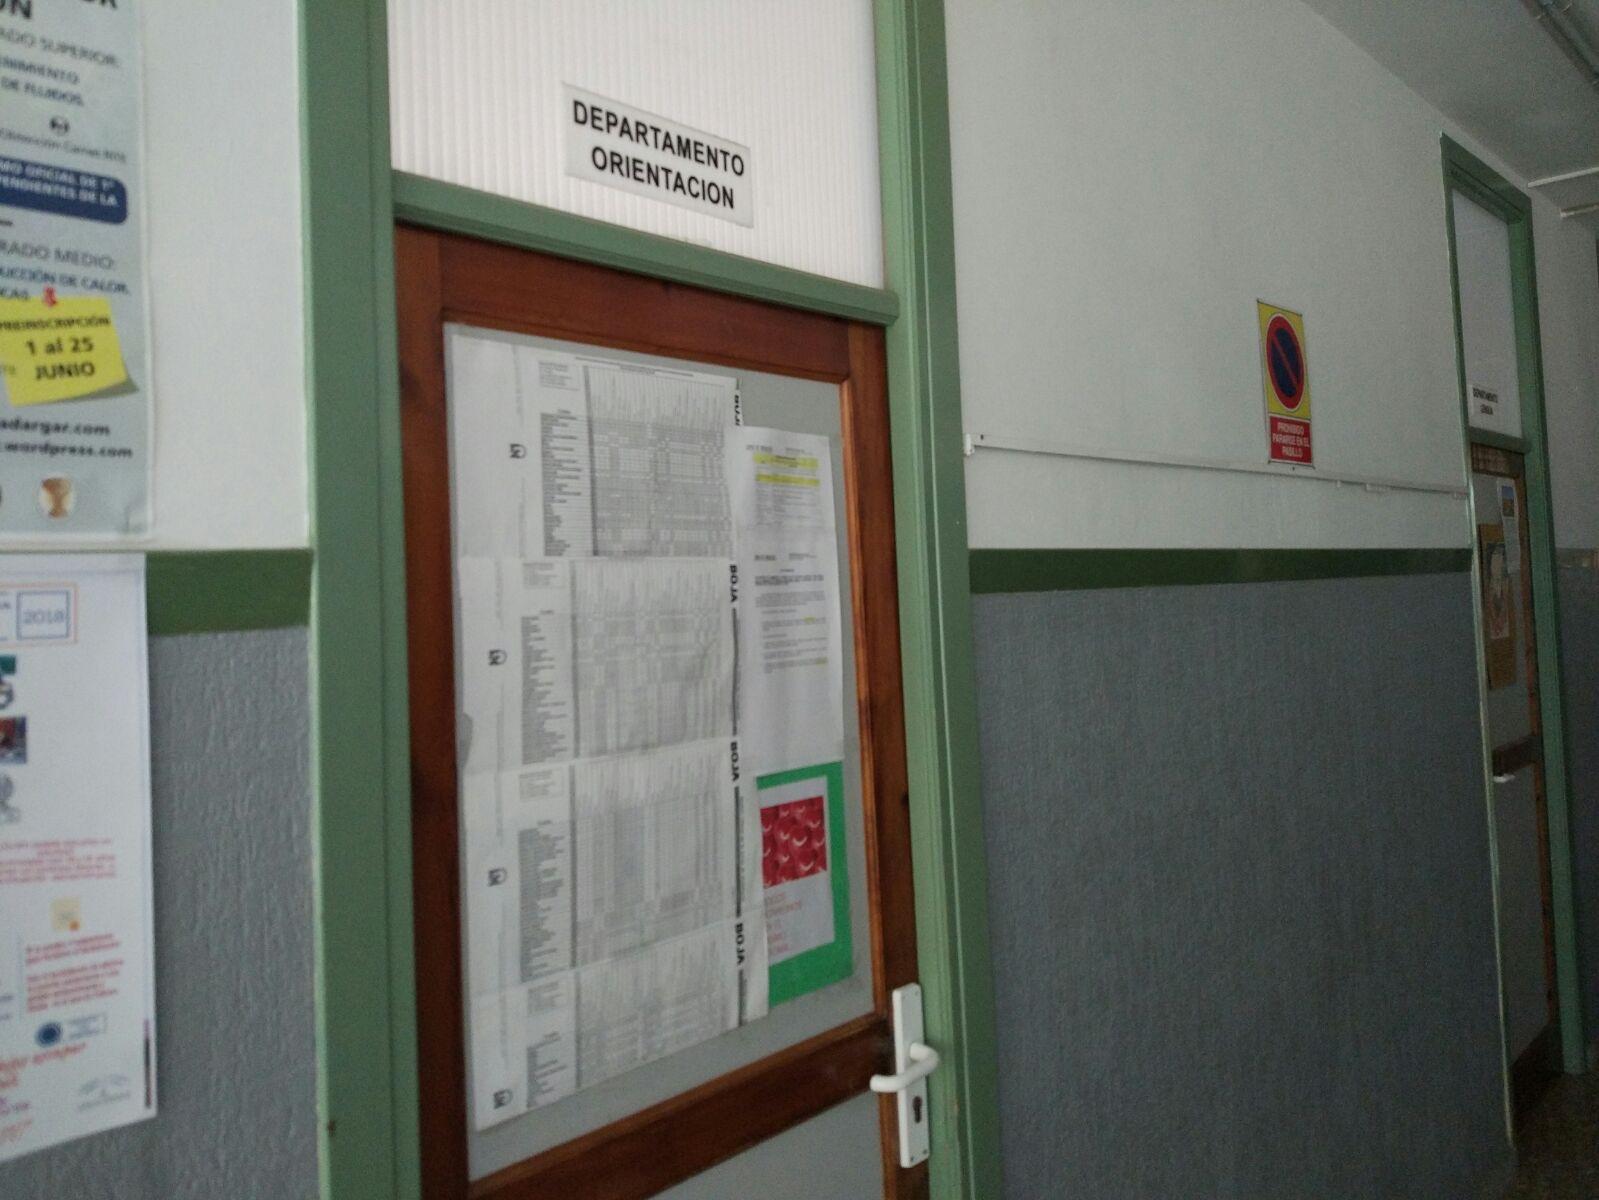 Departamento orientación 1